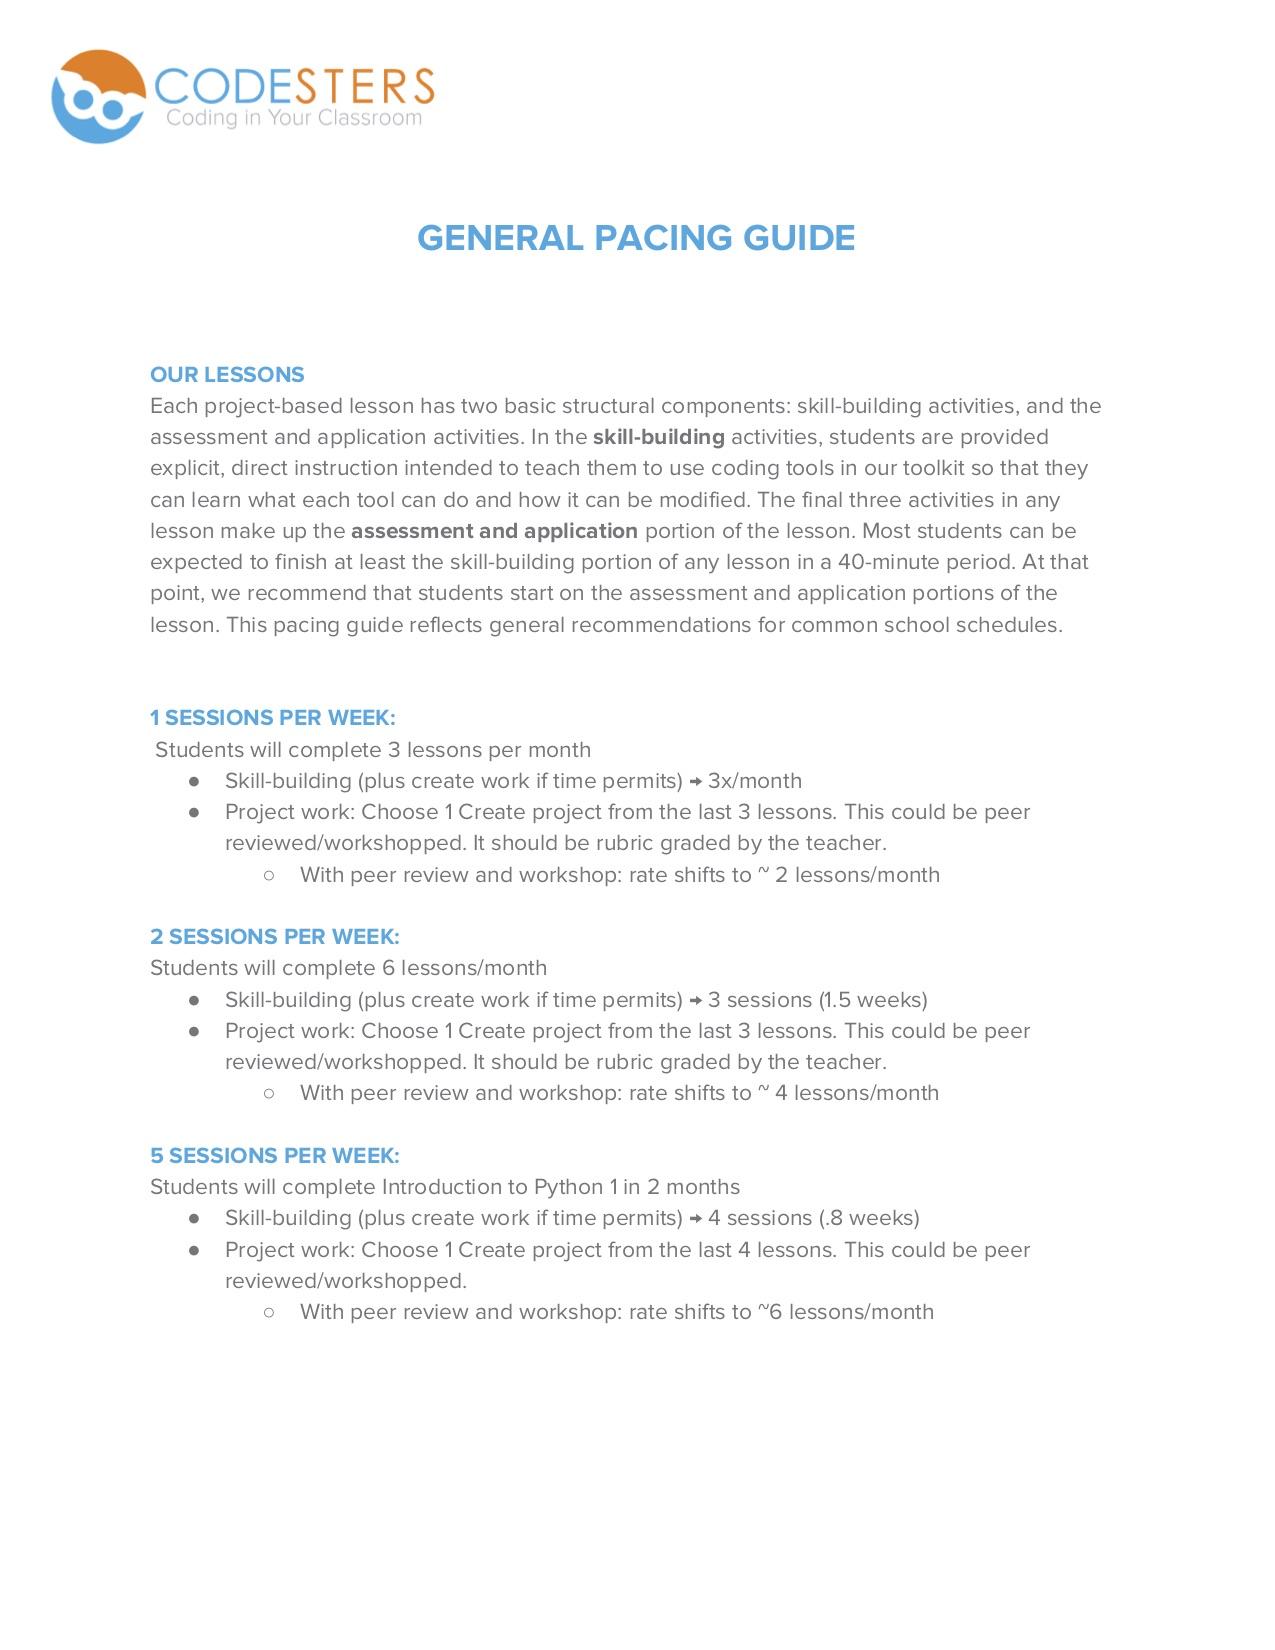 General Pacing Guide.jpg